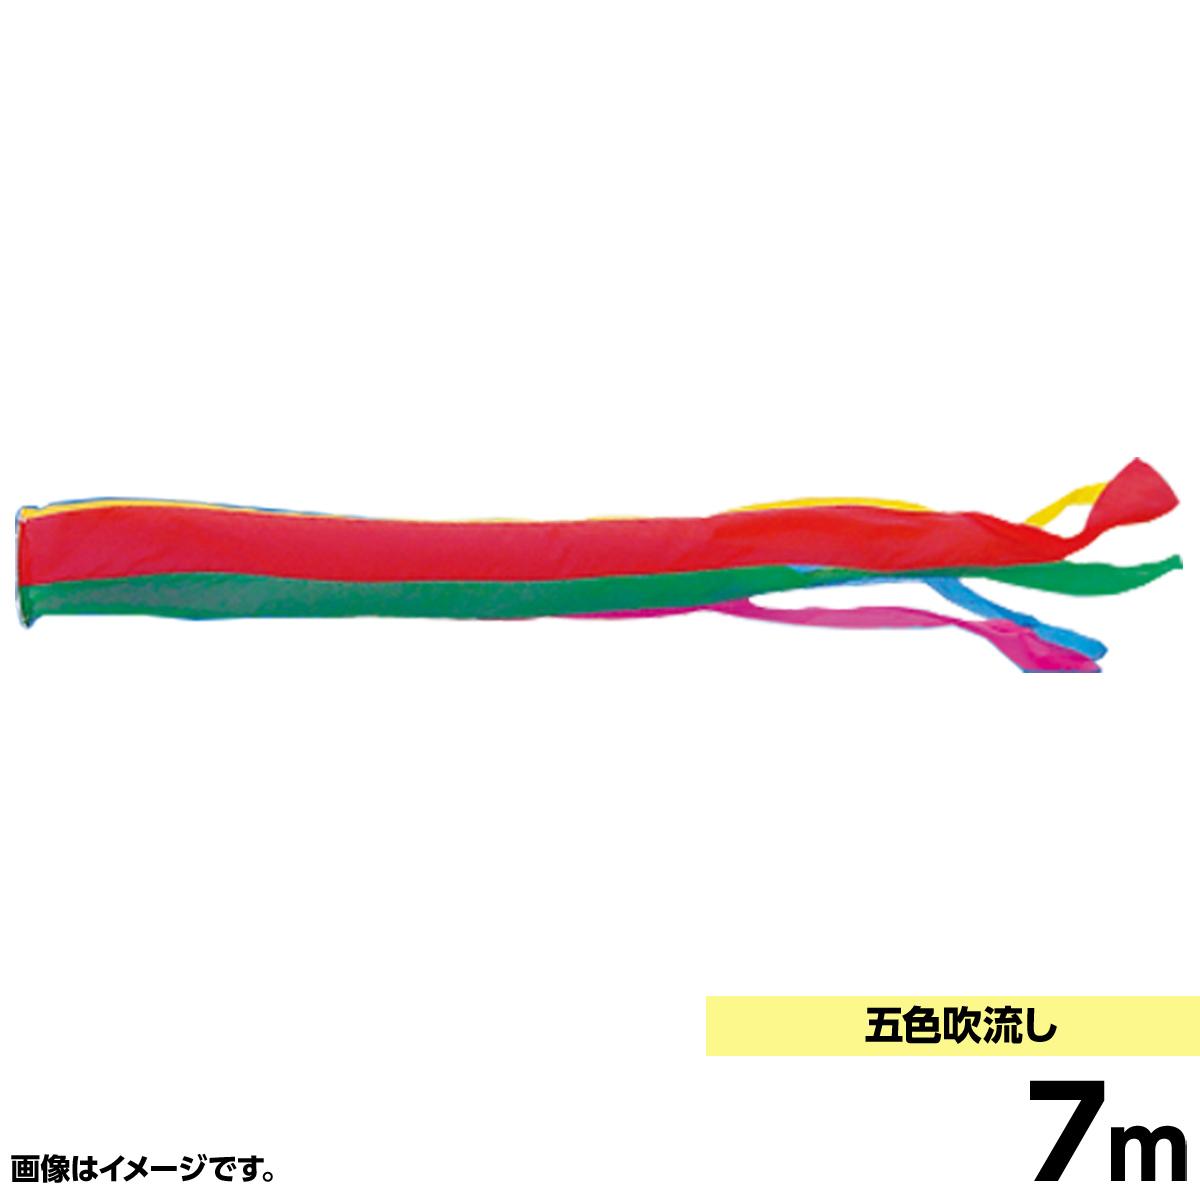 【2020年 新作】 【鯉のぼり 単品】【こいのぼり 単品】 キング印 五色 吹流7m こいのぼり 単品 人形広場